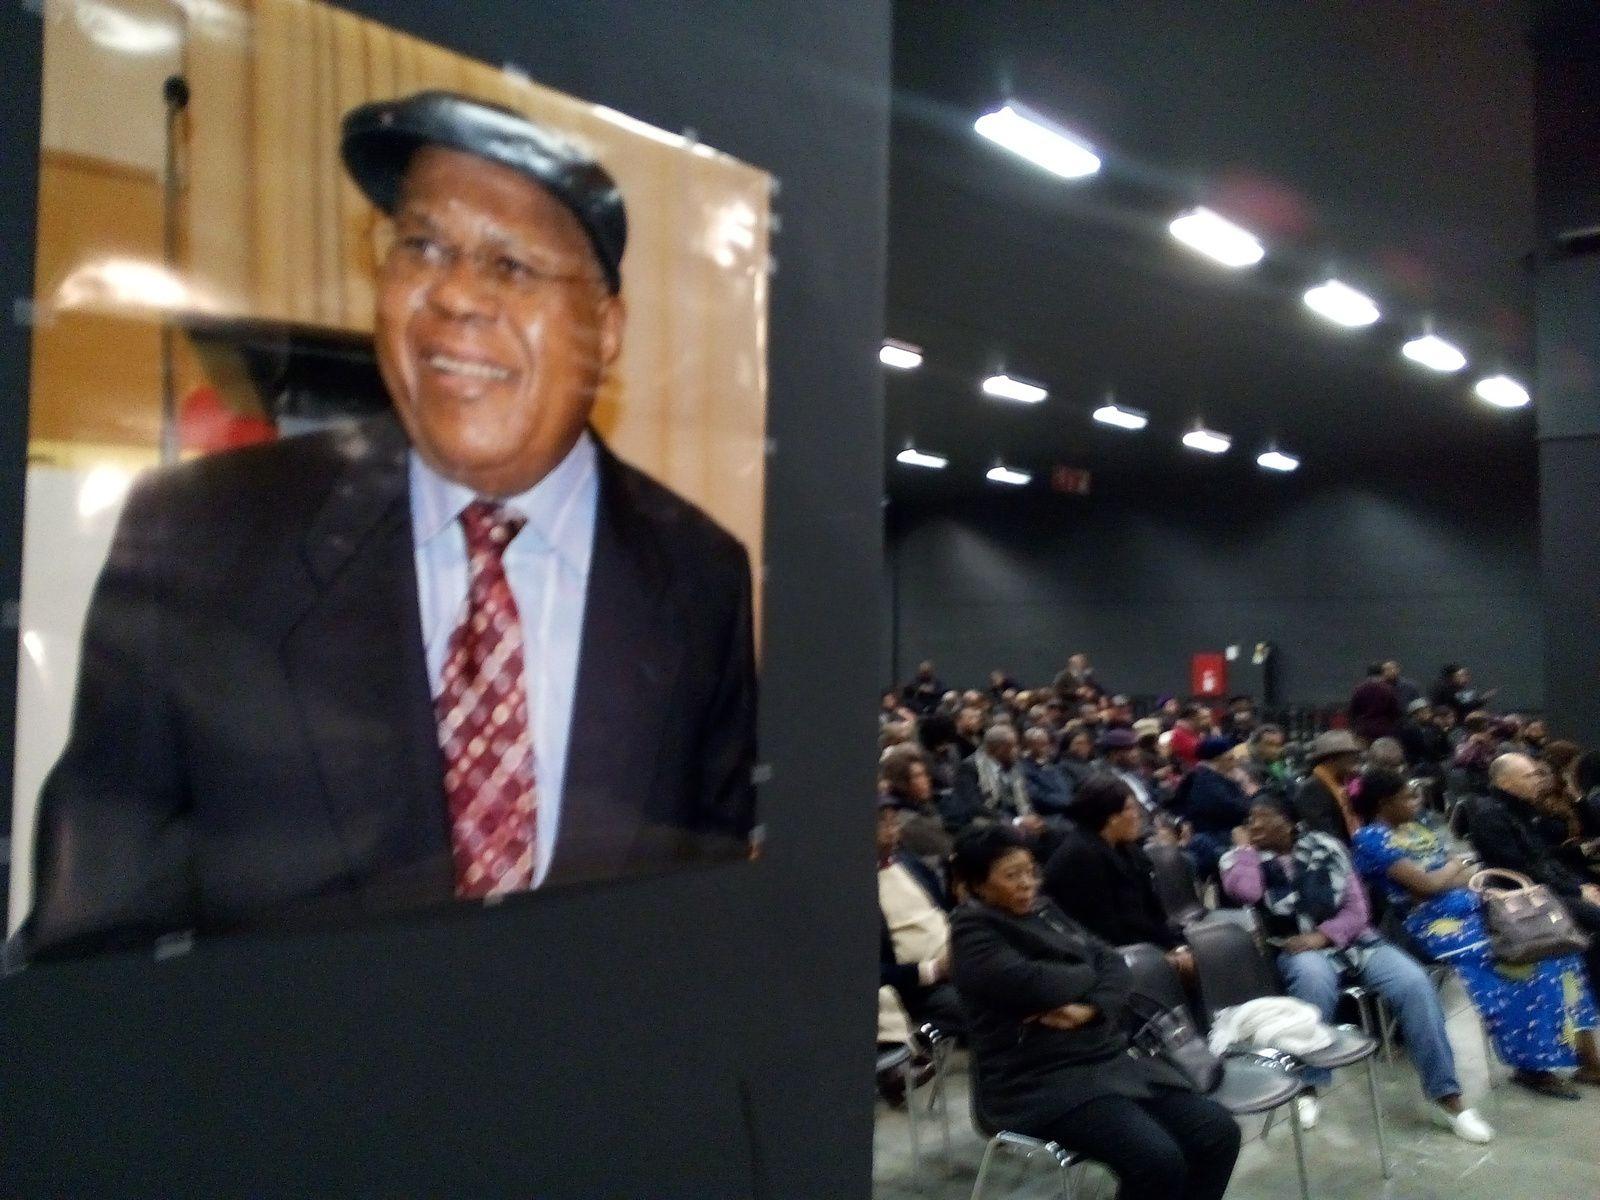 Bruxelles, deuxième soirée d'hommage à Étienne Tshisekedi